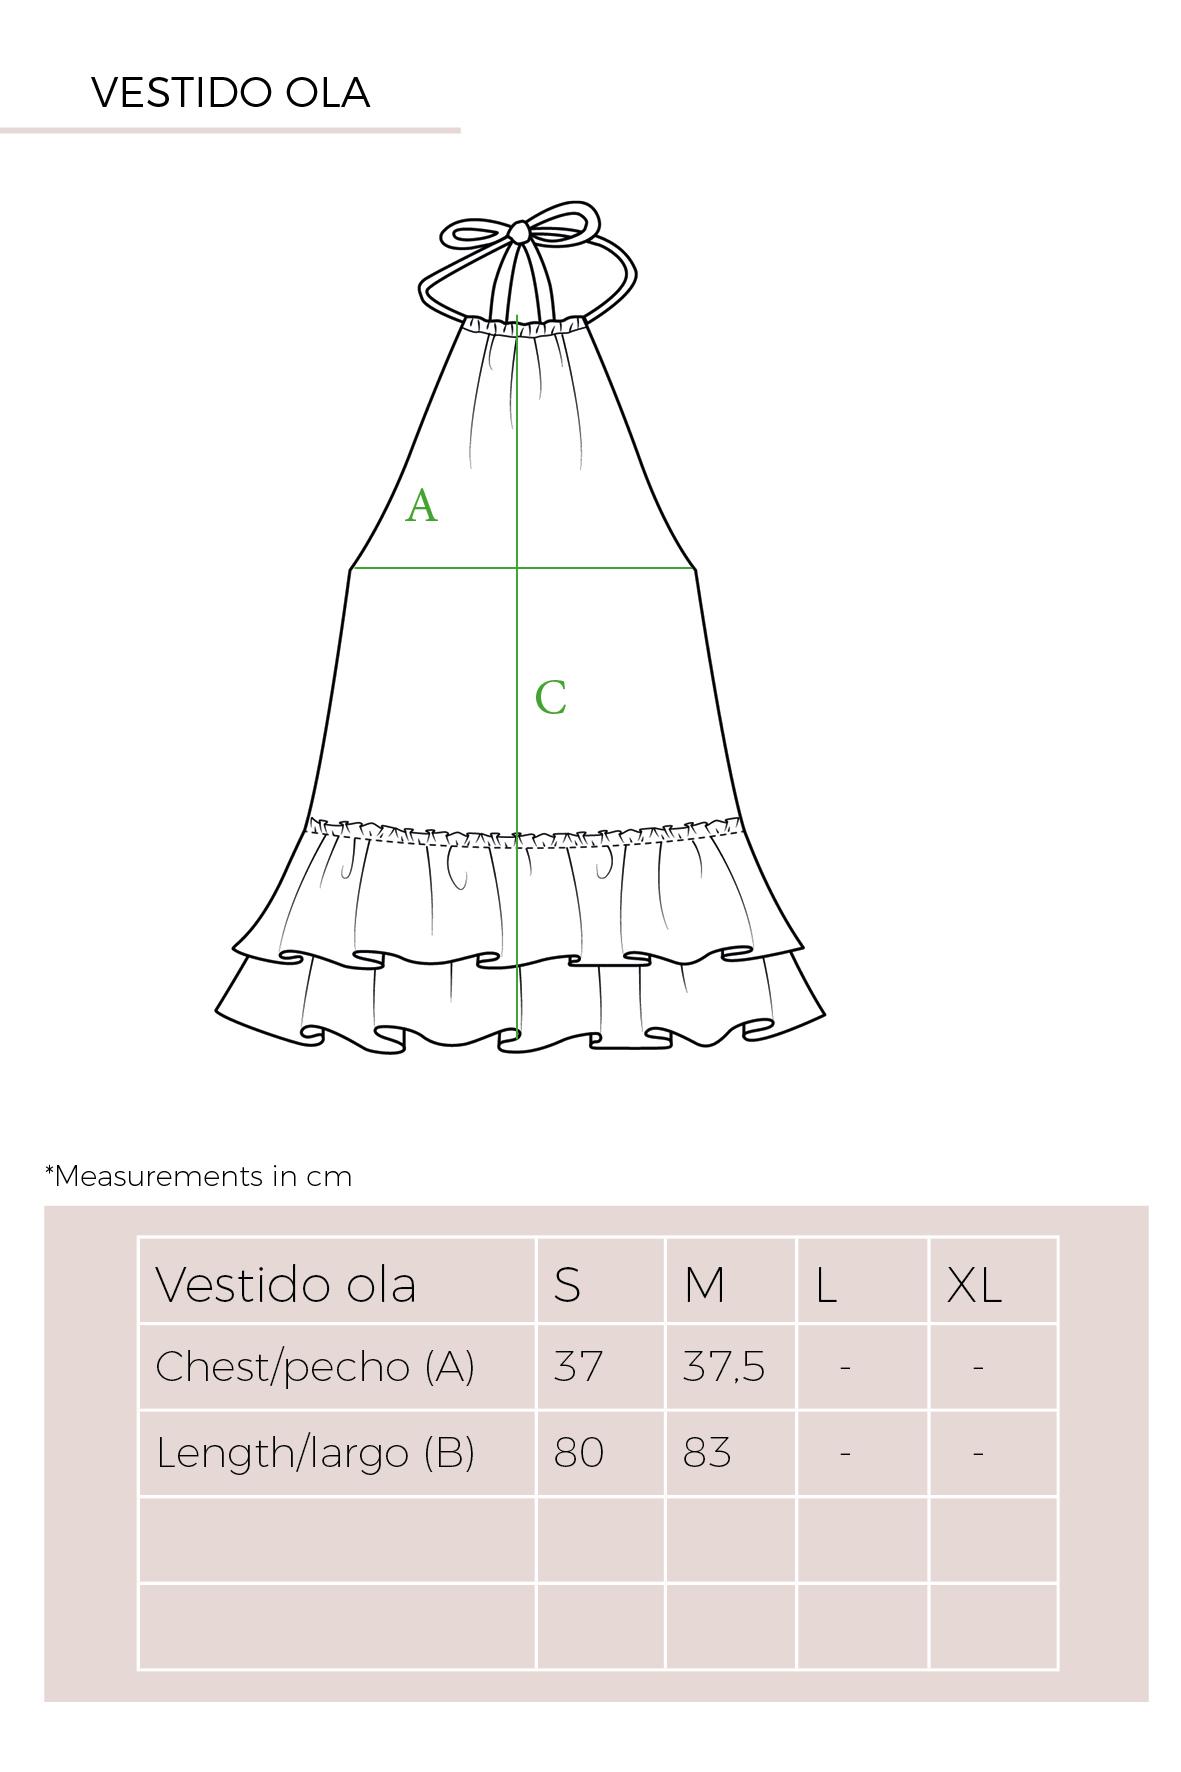 vestido%20ola.jpg